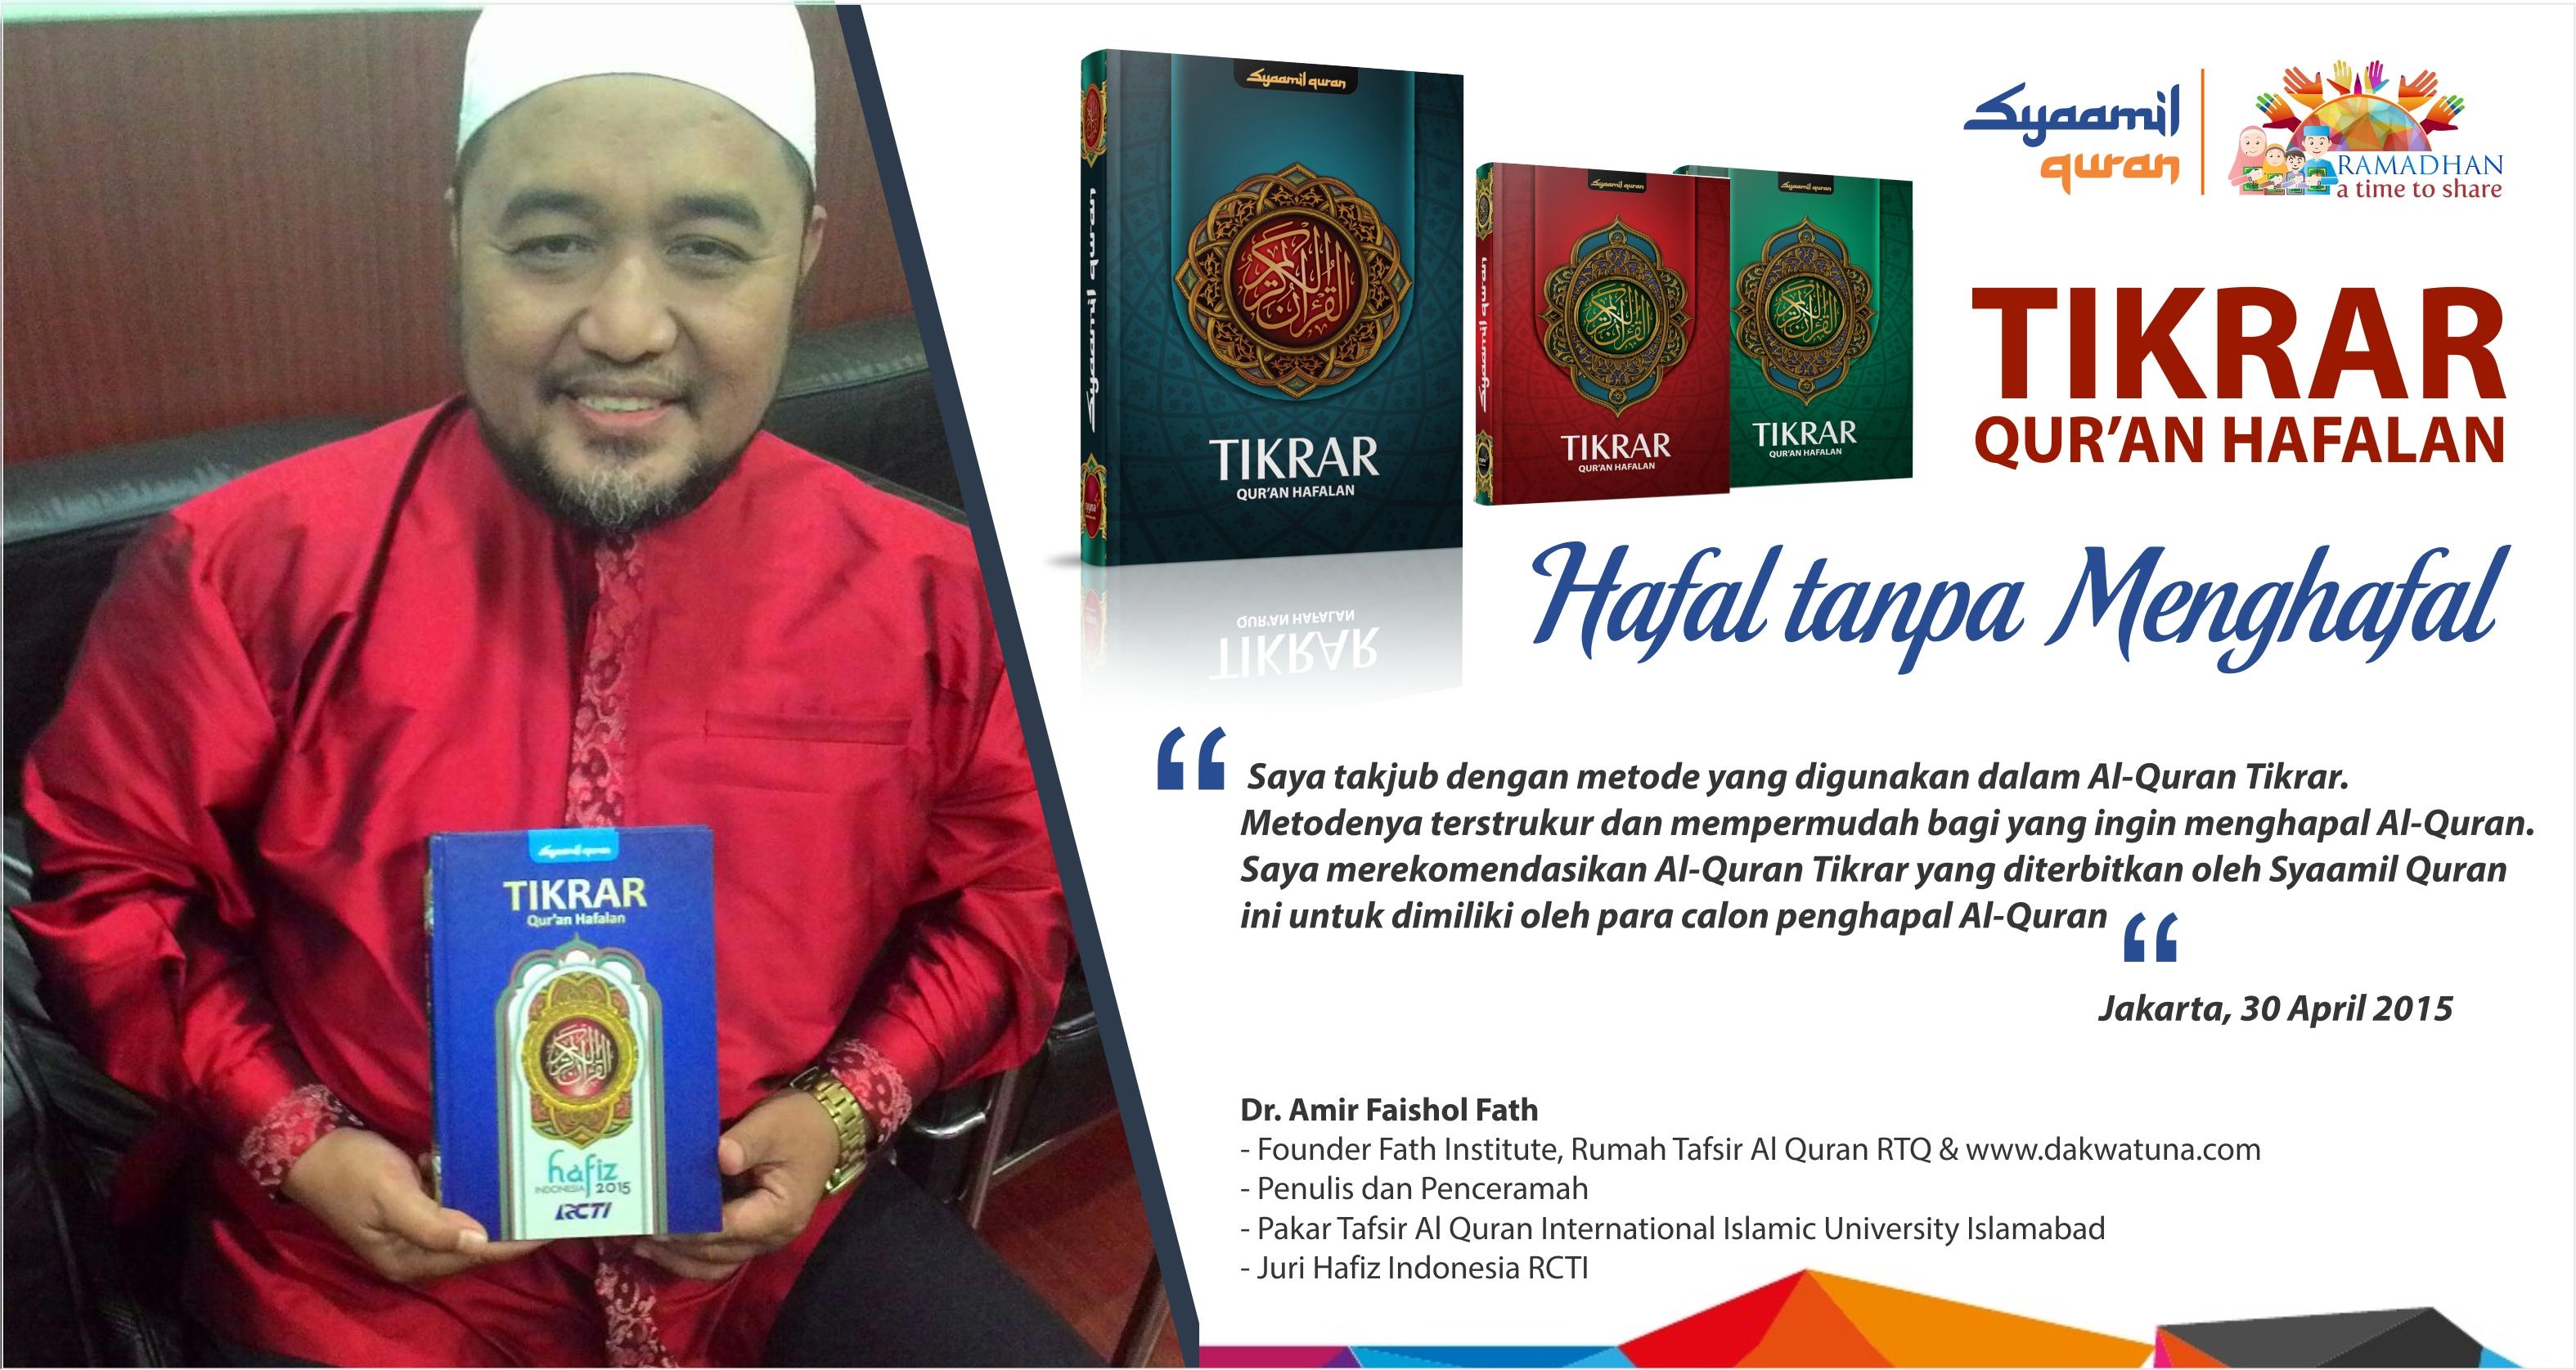 Jual Syaamil Quran Tikrar Al Quran Hafalan